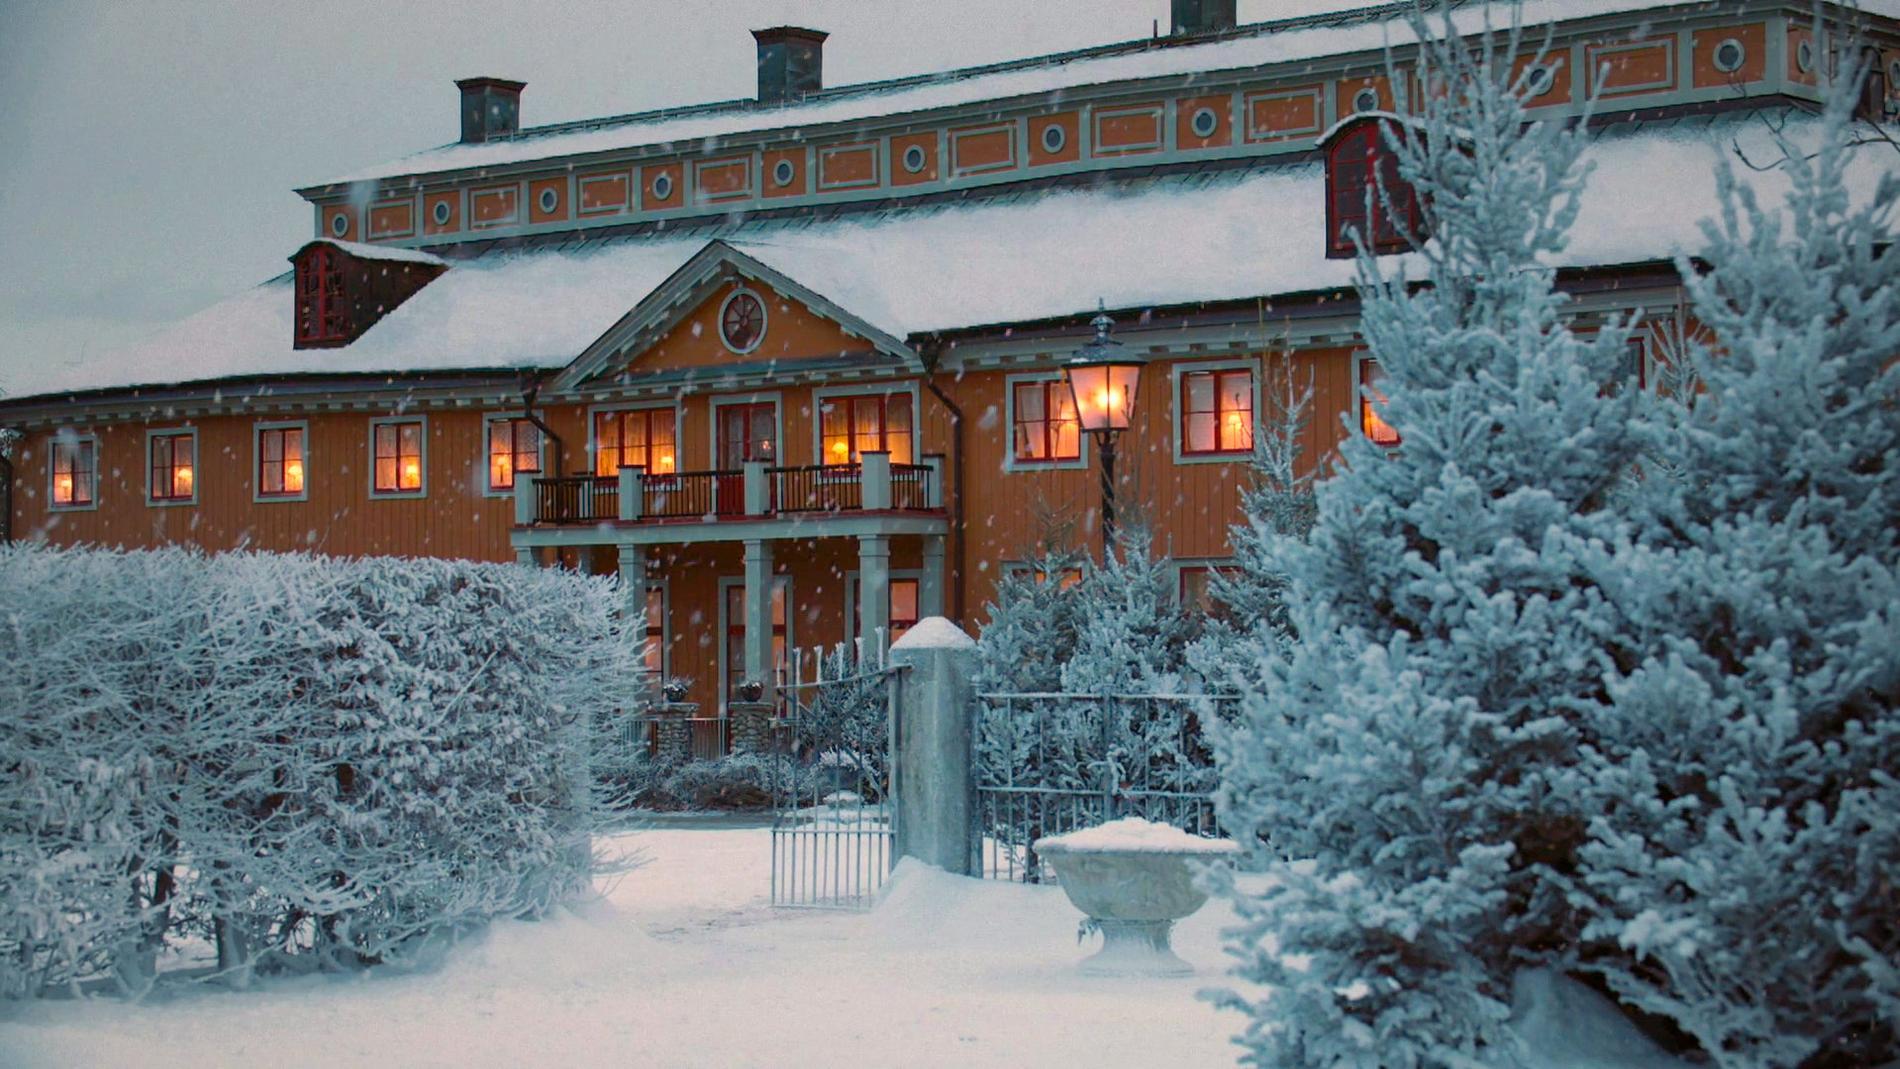 """1920 är täckt i ett rikligt lager konstsnö medan 2020 bjuder på en modern, snölös jul. """"En julkalender måste ha snö, åtminstone på våra breddgrader. Även om det sällan är snö på riktigt på julafton. Vi har använt oss av konstsnö, den är snyggare än riktig"""", säger regissören Calle Åstrand."""